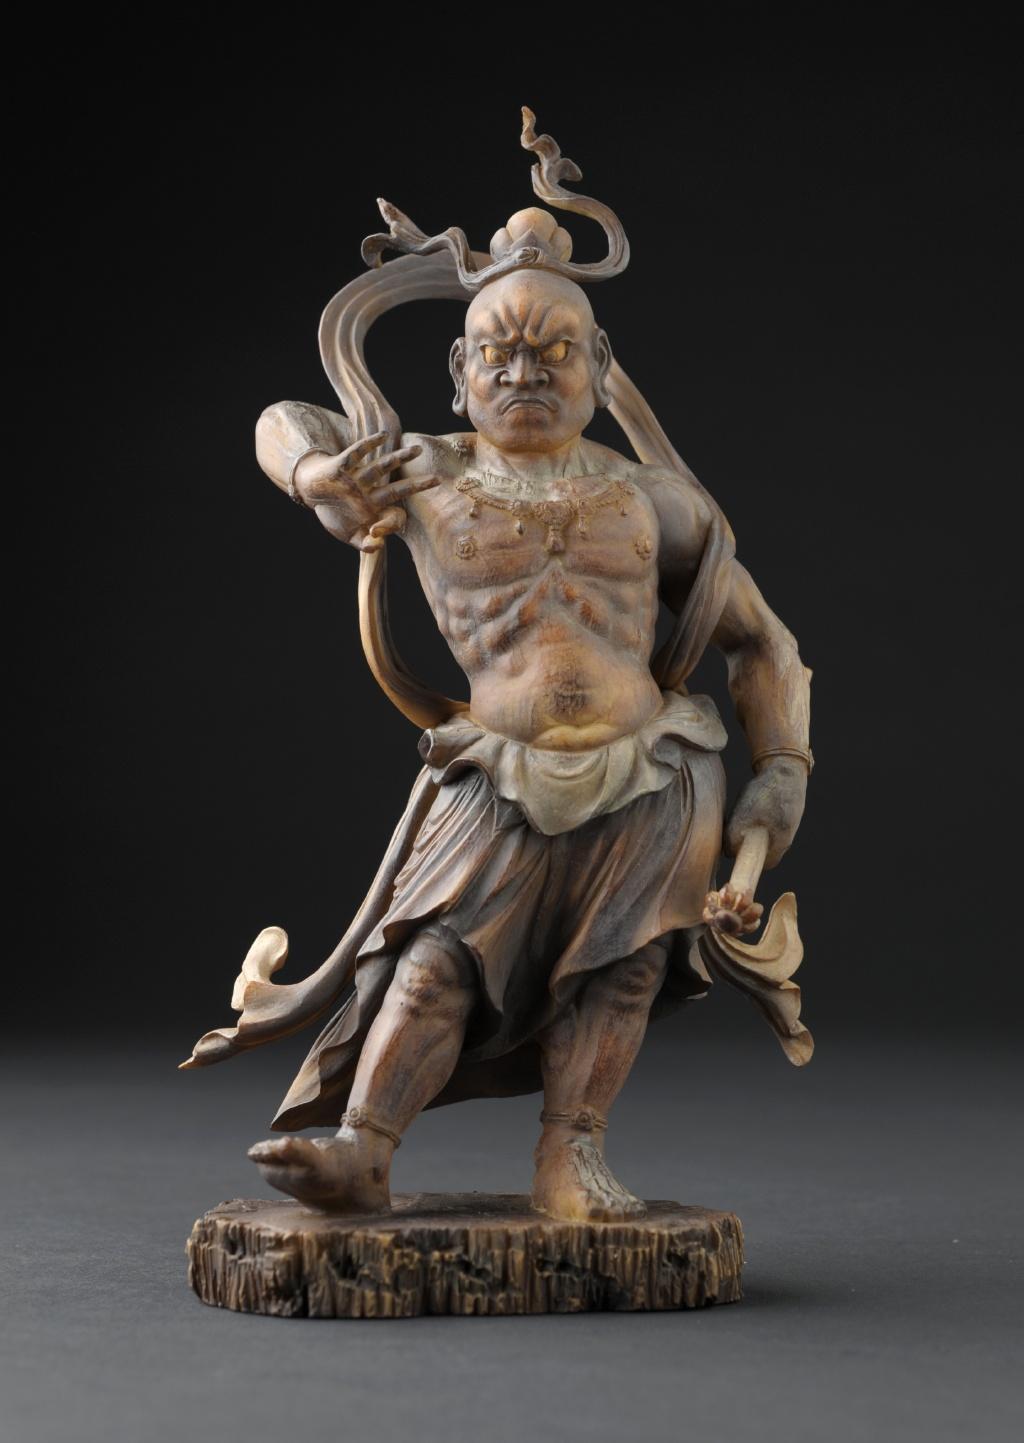 【仏像】金剛力士(吽形) - リアル仏像 | リアル仏像,ポリストーン | | 本格仏像の仏像ワ